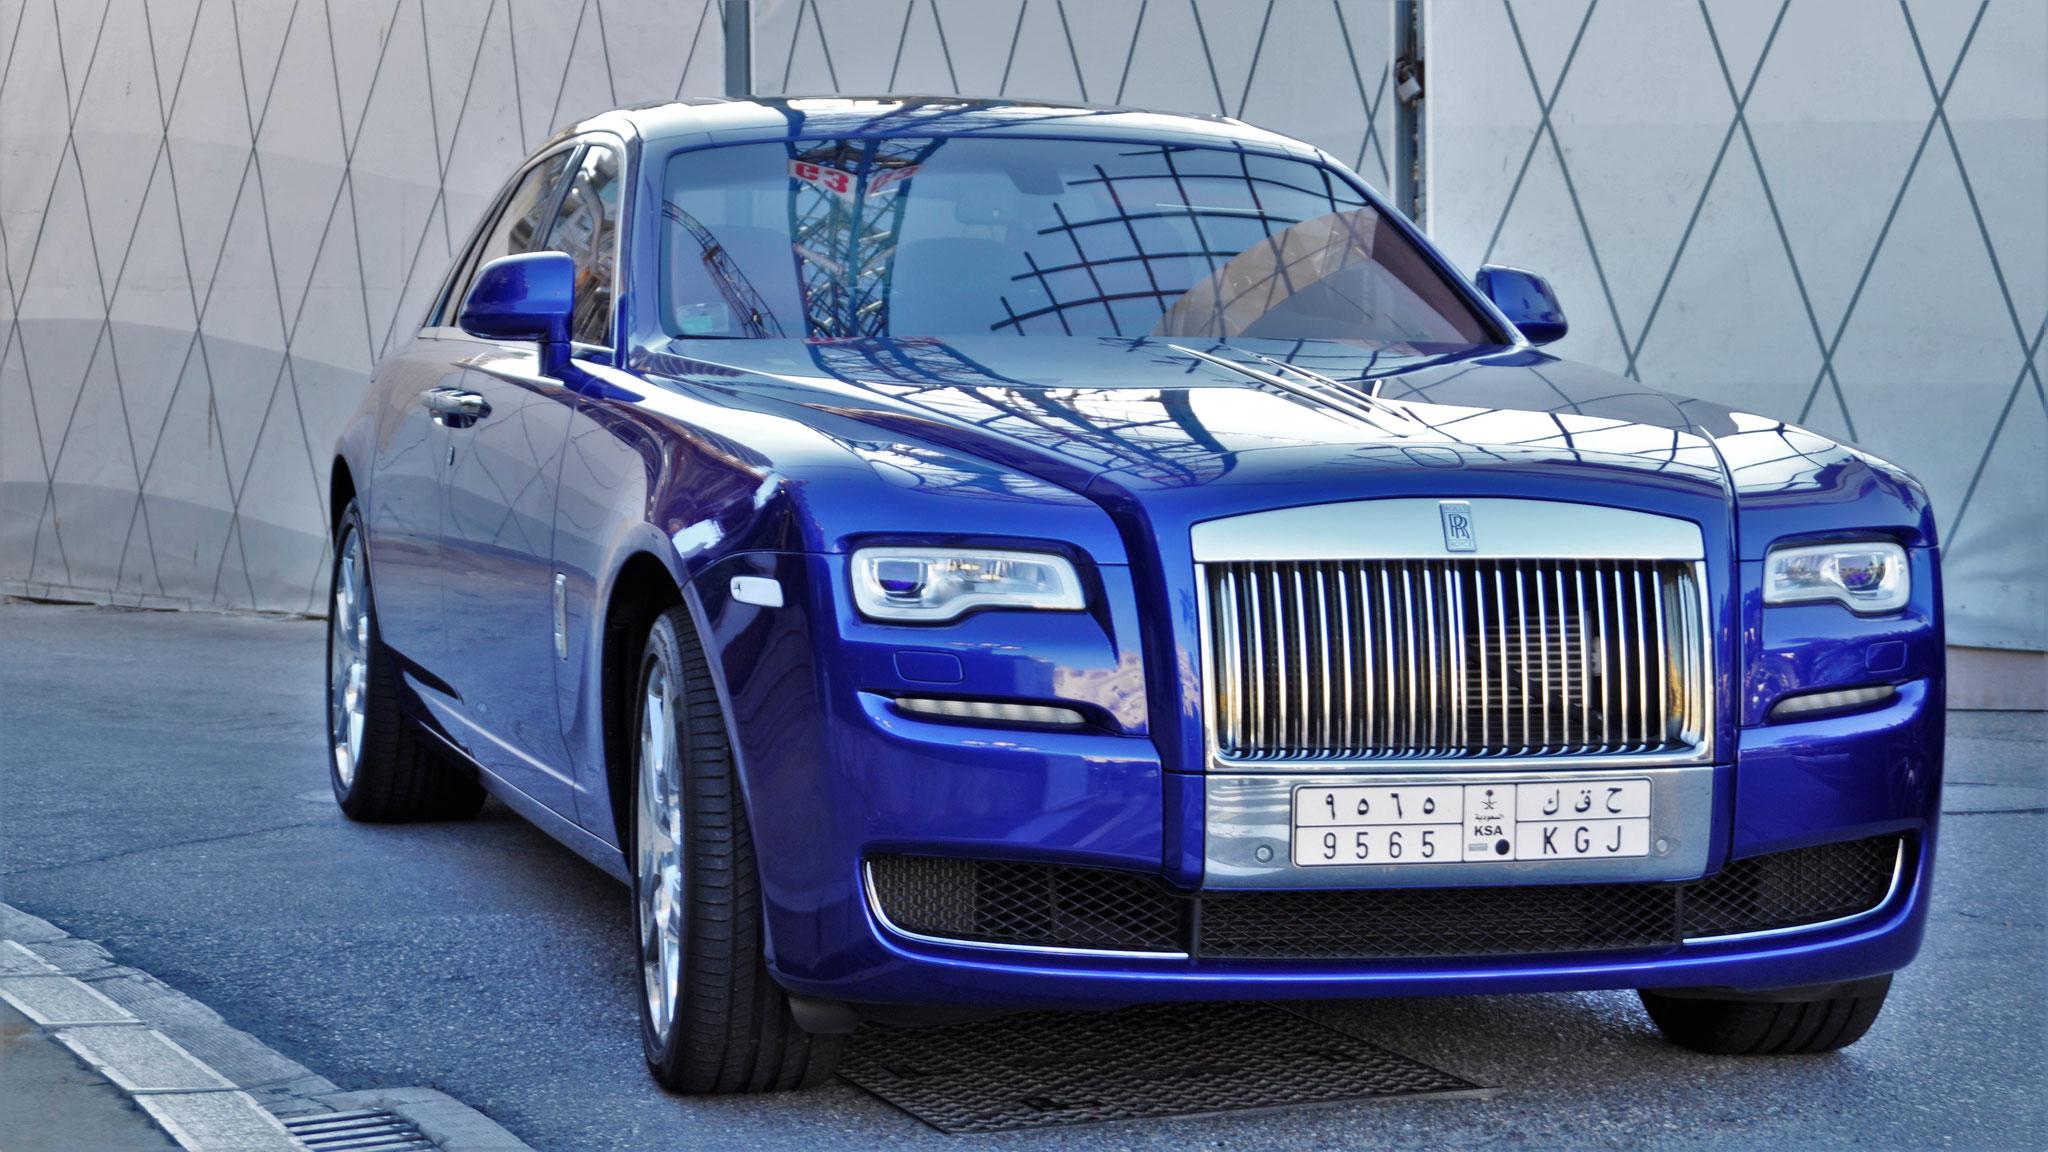 Rolls Royce Ghost Series II - 9565-KGJ (KSA)